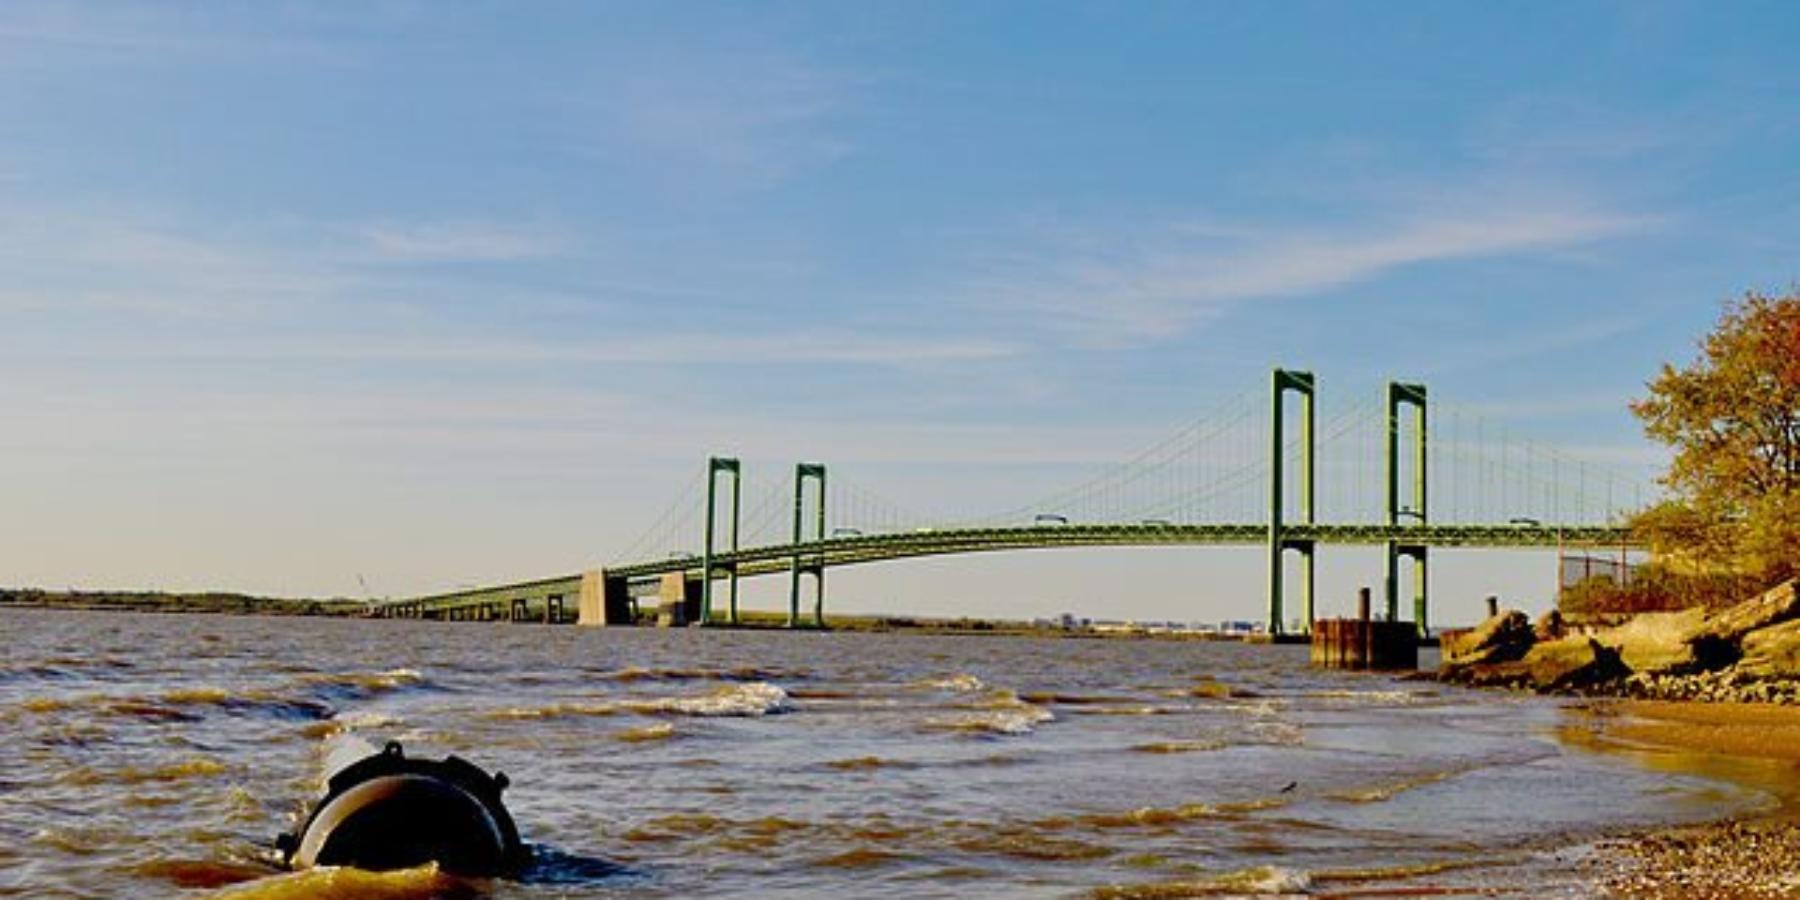 Prasówka IT inowe technologie #25 Nowa technologia zapobiegnie uszkadzaniu mostów przezwilgotność